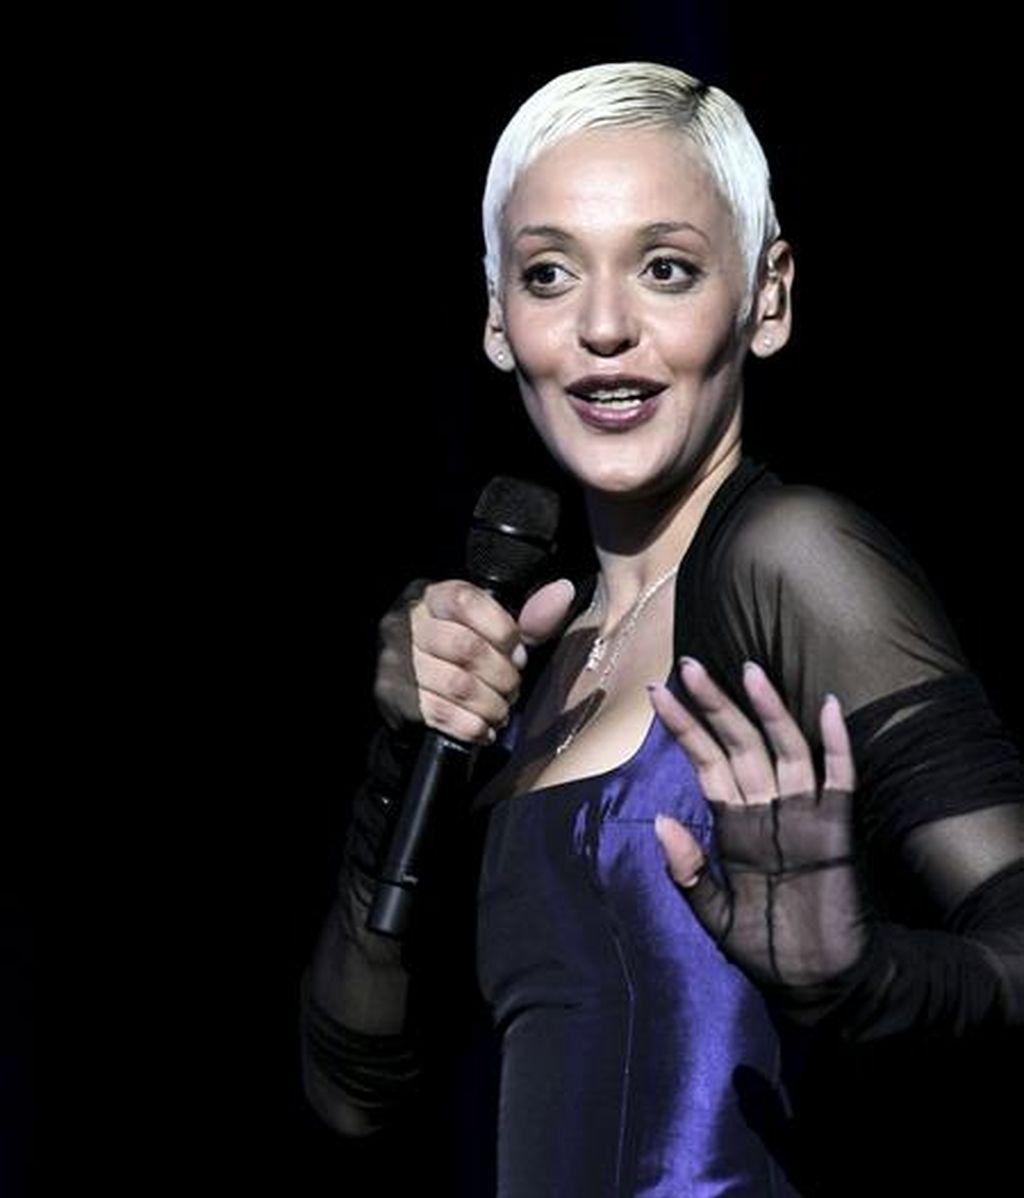 La cantante portuguesa Mariza, durante el concierto ofrecido esta noche en el Escenario Puerta del Ángel, en Madrid, dentro de la programación de los Veranos de la Villa. EFE